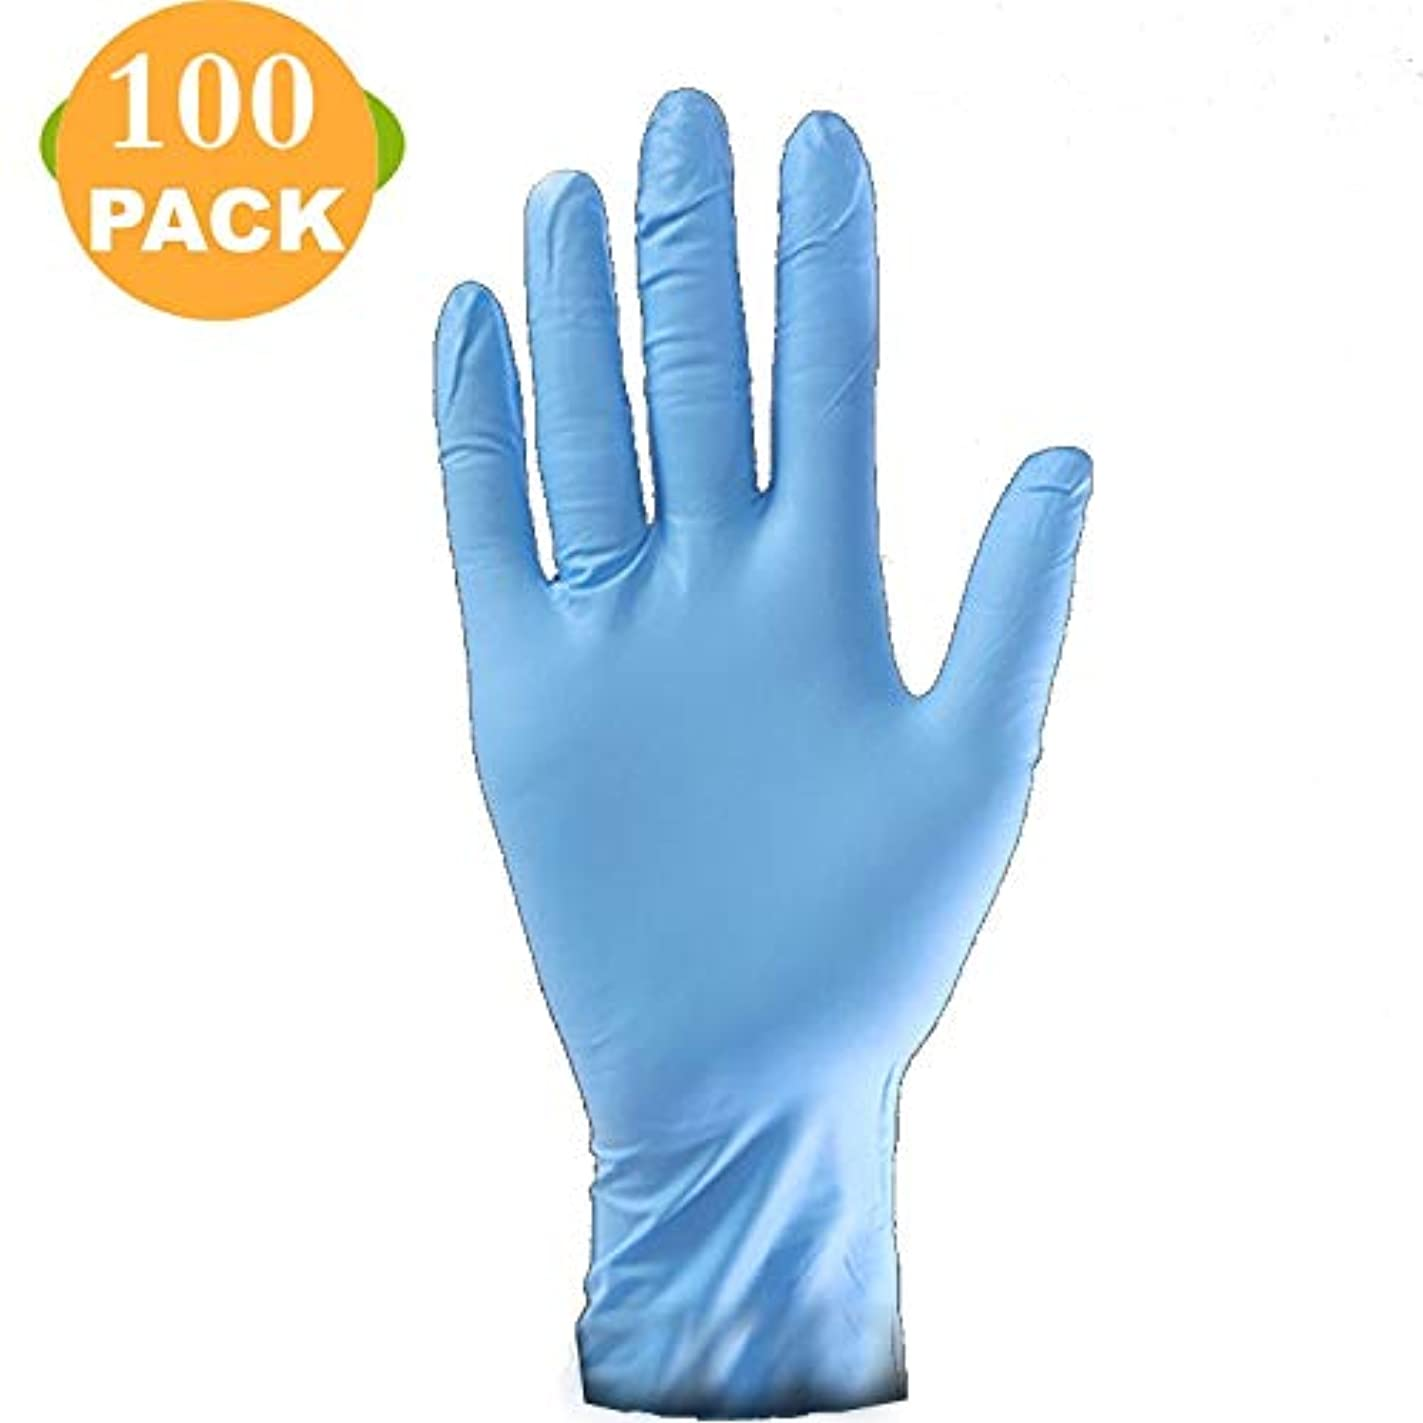 チーズ洗練落ち着かないニトリル使い捨てパウダーフリー耐酸クリーン美容ネイルサロン油と酸耐性-100パーボックス (Color : Blue, Size : M)